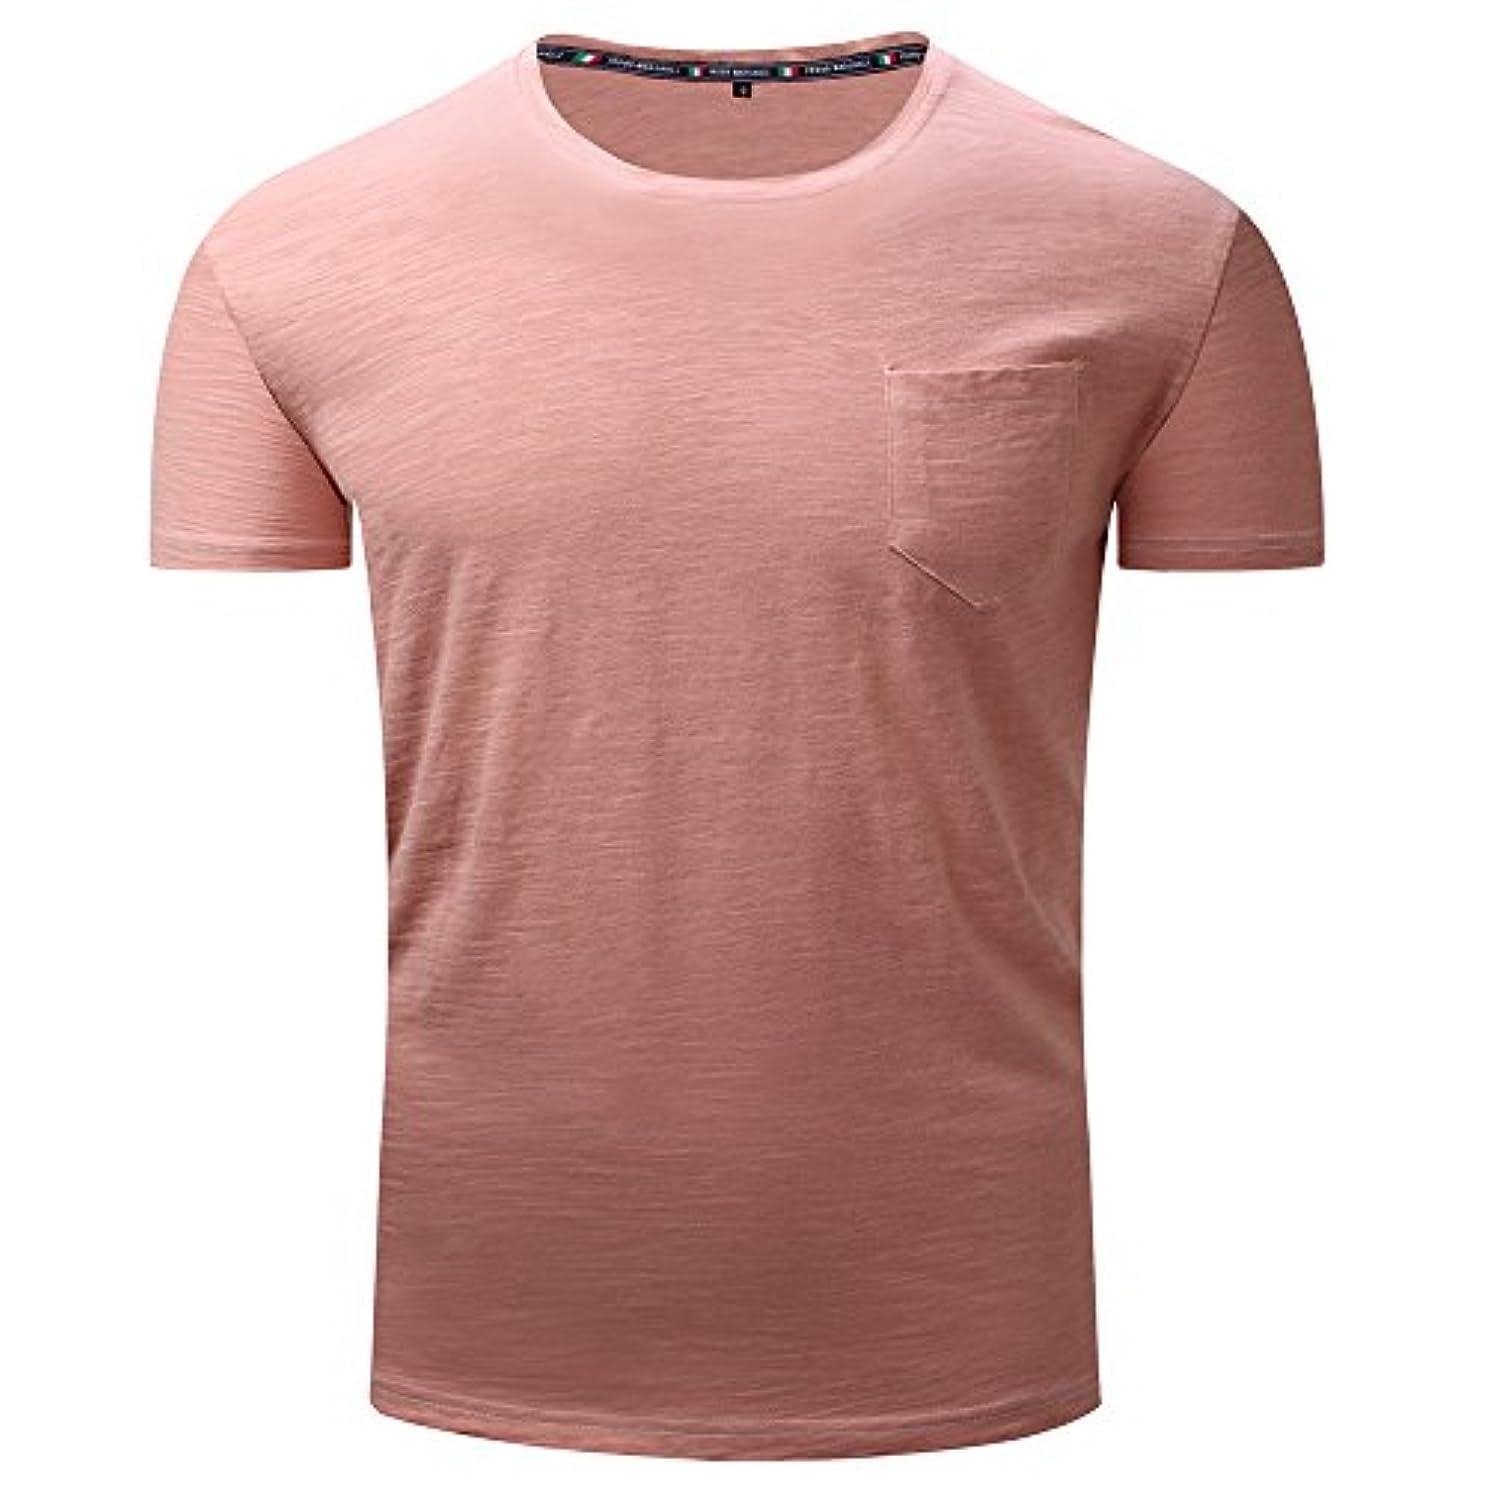 評決着るもつれメンズ シャツ Rexzo 純色 吸汗速乾 スポーツシャツ シンプル 機能性 Tシャツ 通気性いい 柔らかい スウェットシャツ 上質 着心地良い トレーニングウェア フィットネス 活動性が良い シャツ 大きいサイズ 日常...